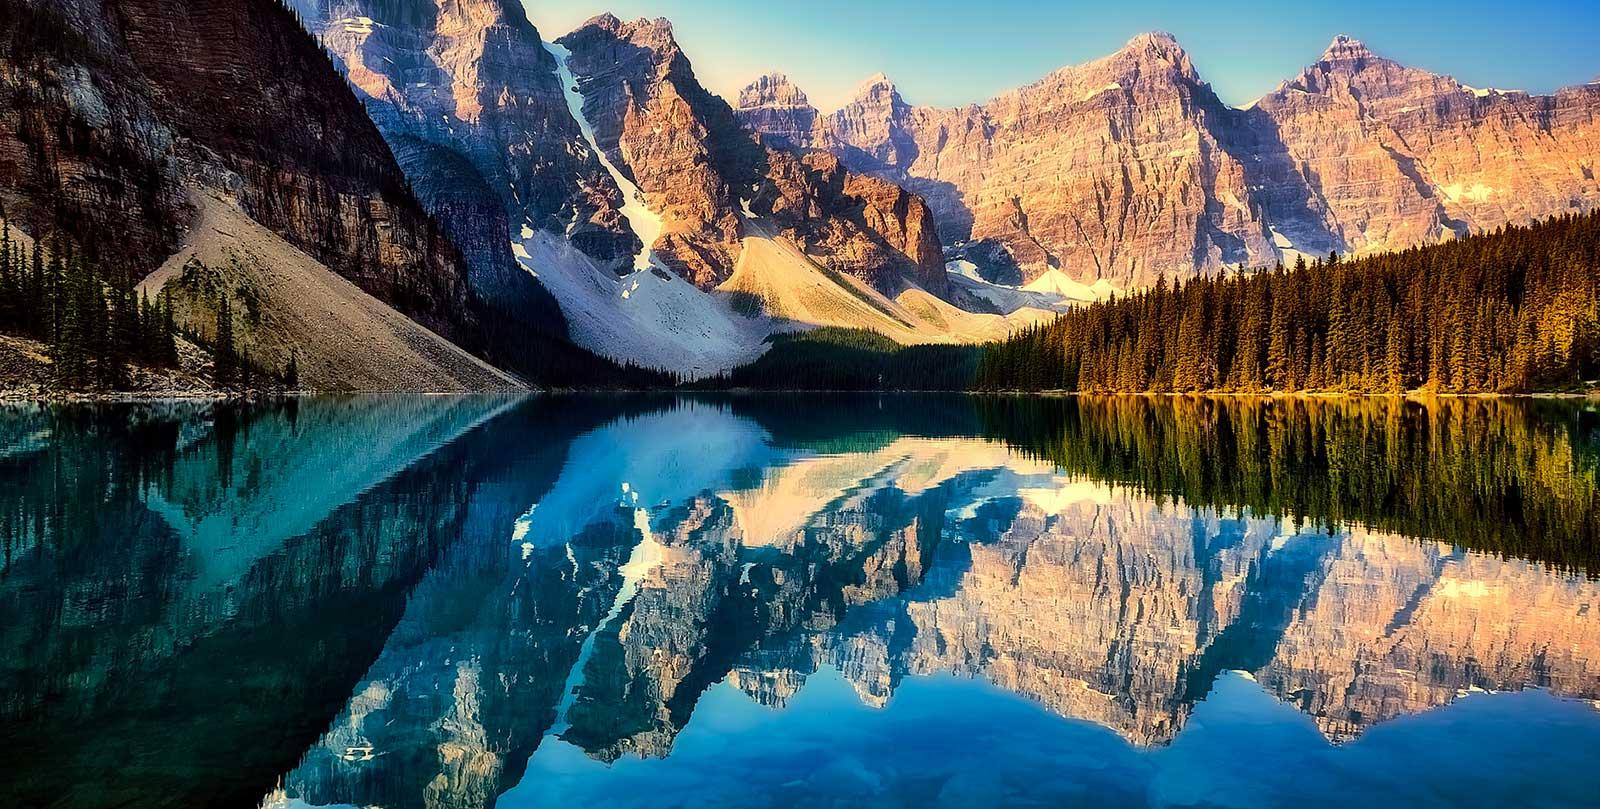 lago di moraine canada